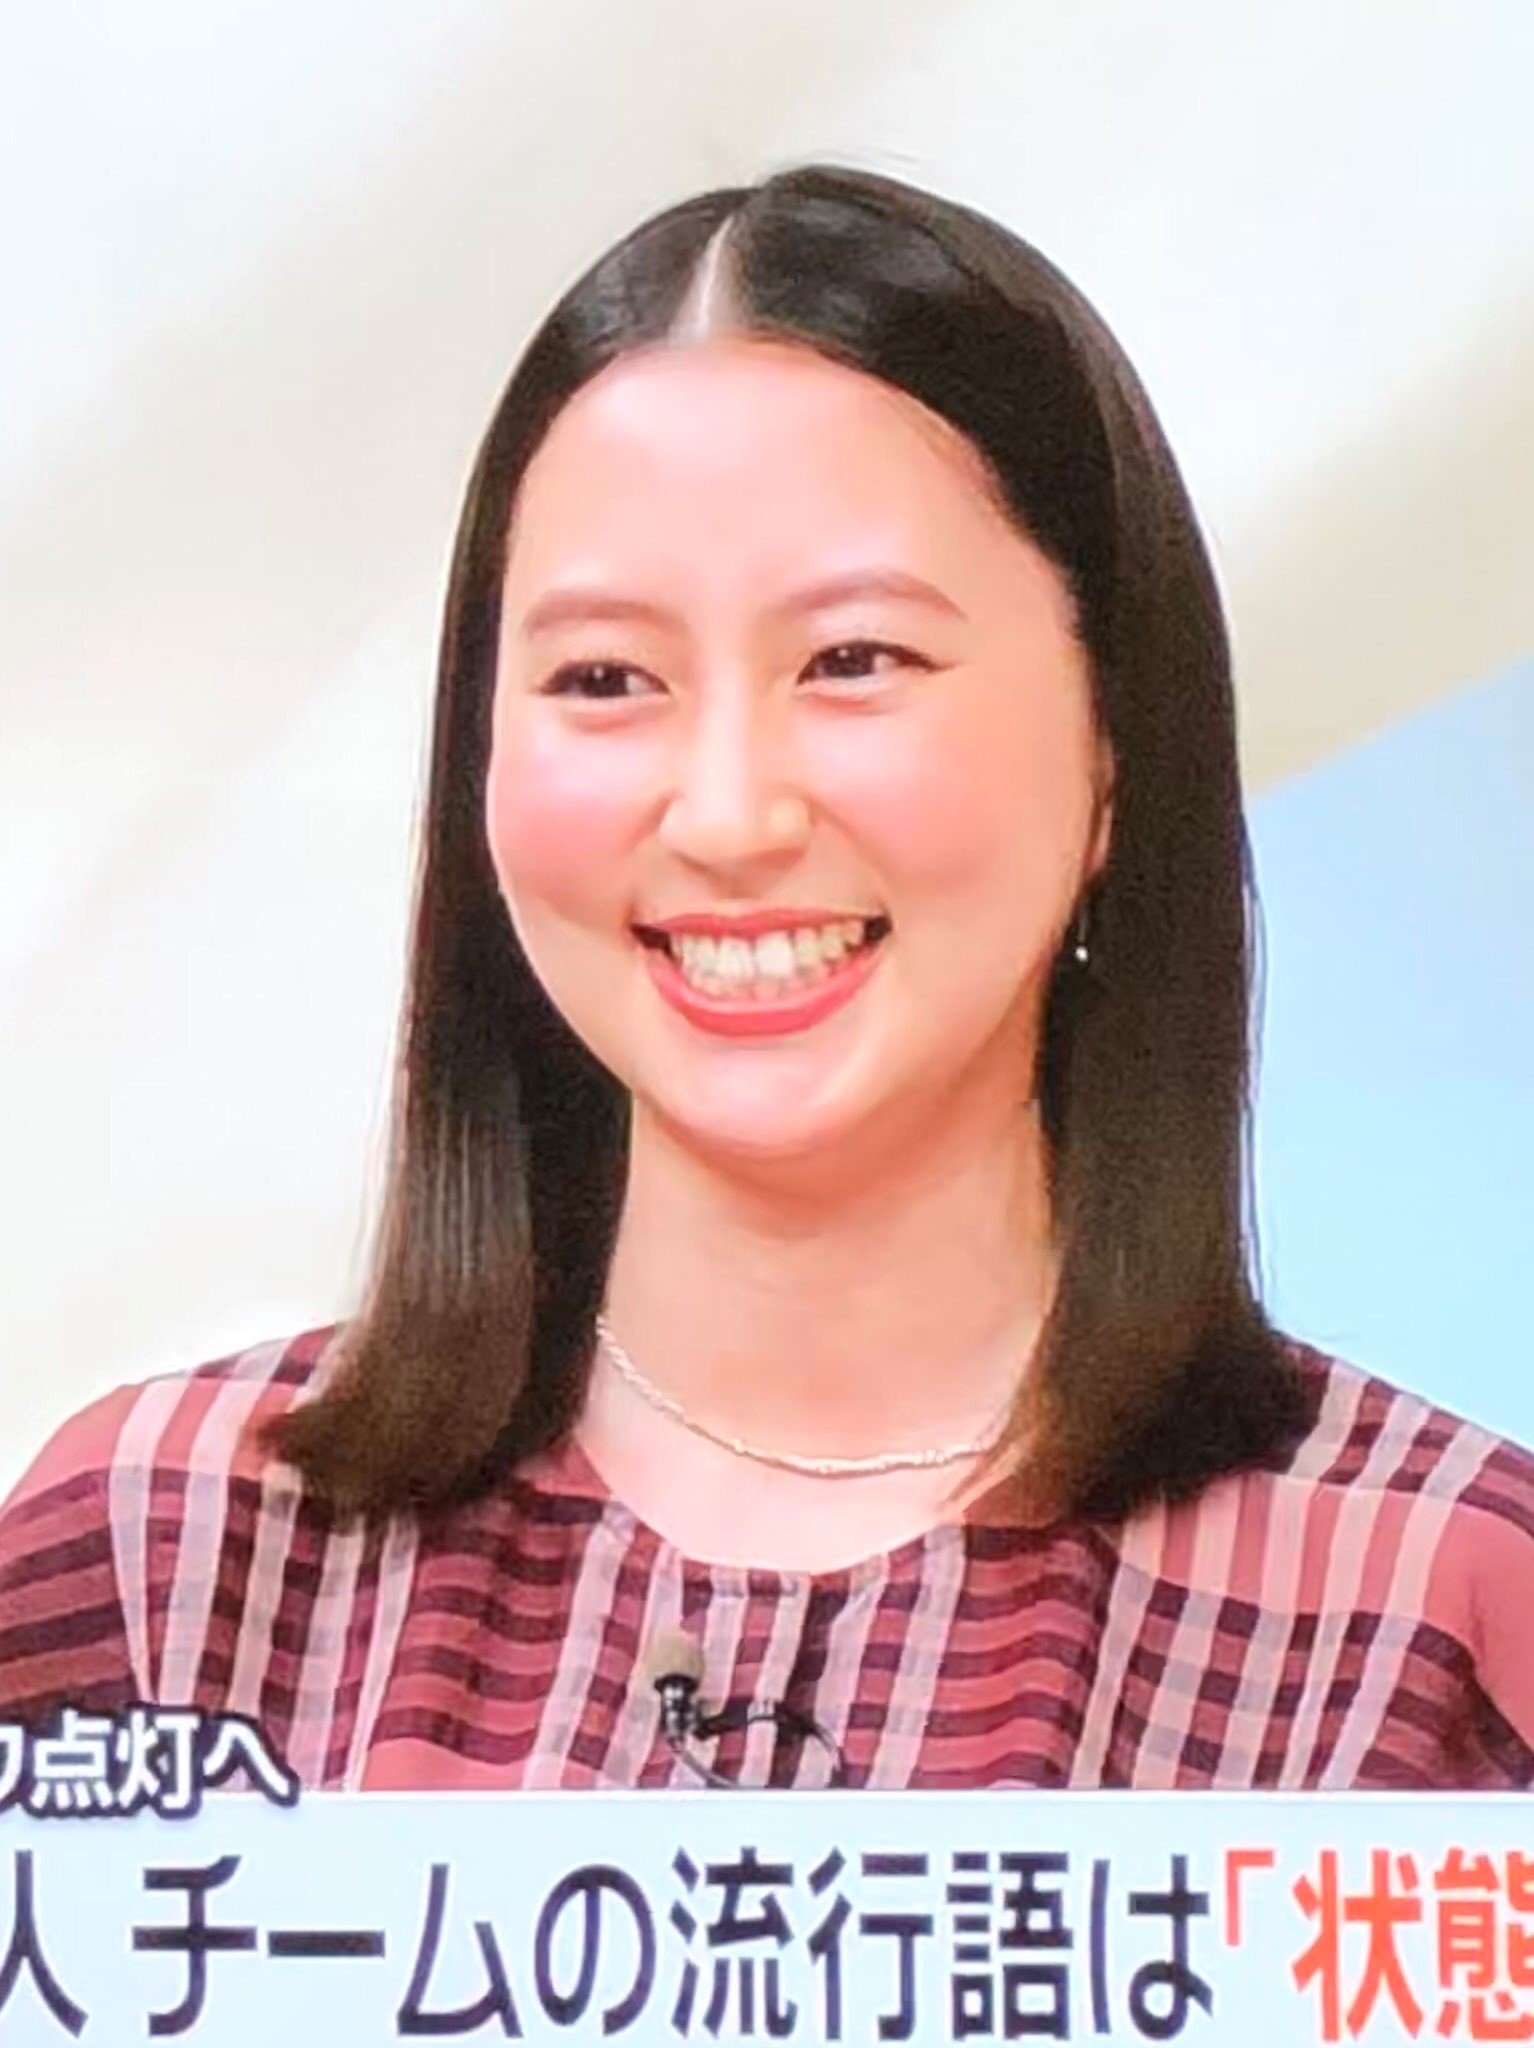 河北麻友子の顔ニュースゼロ